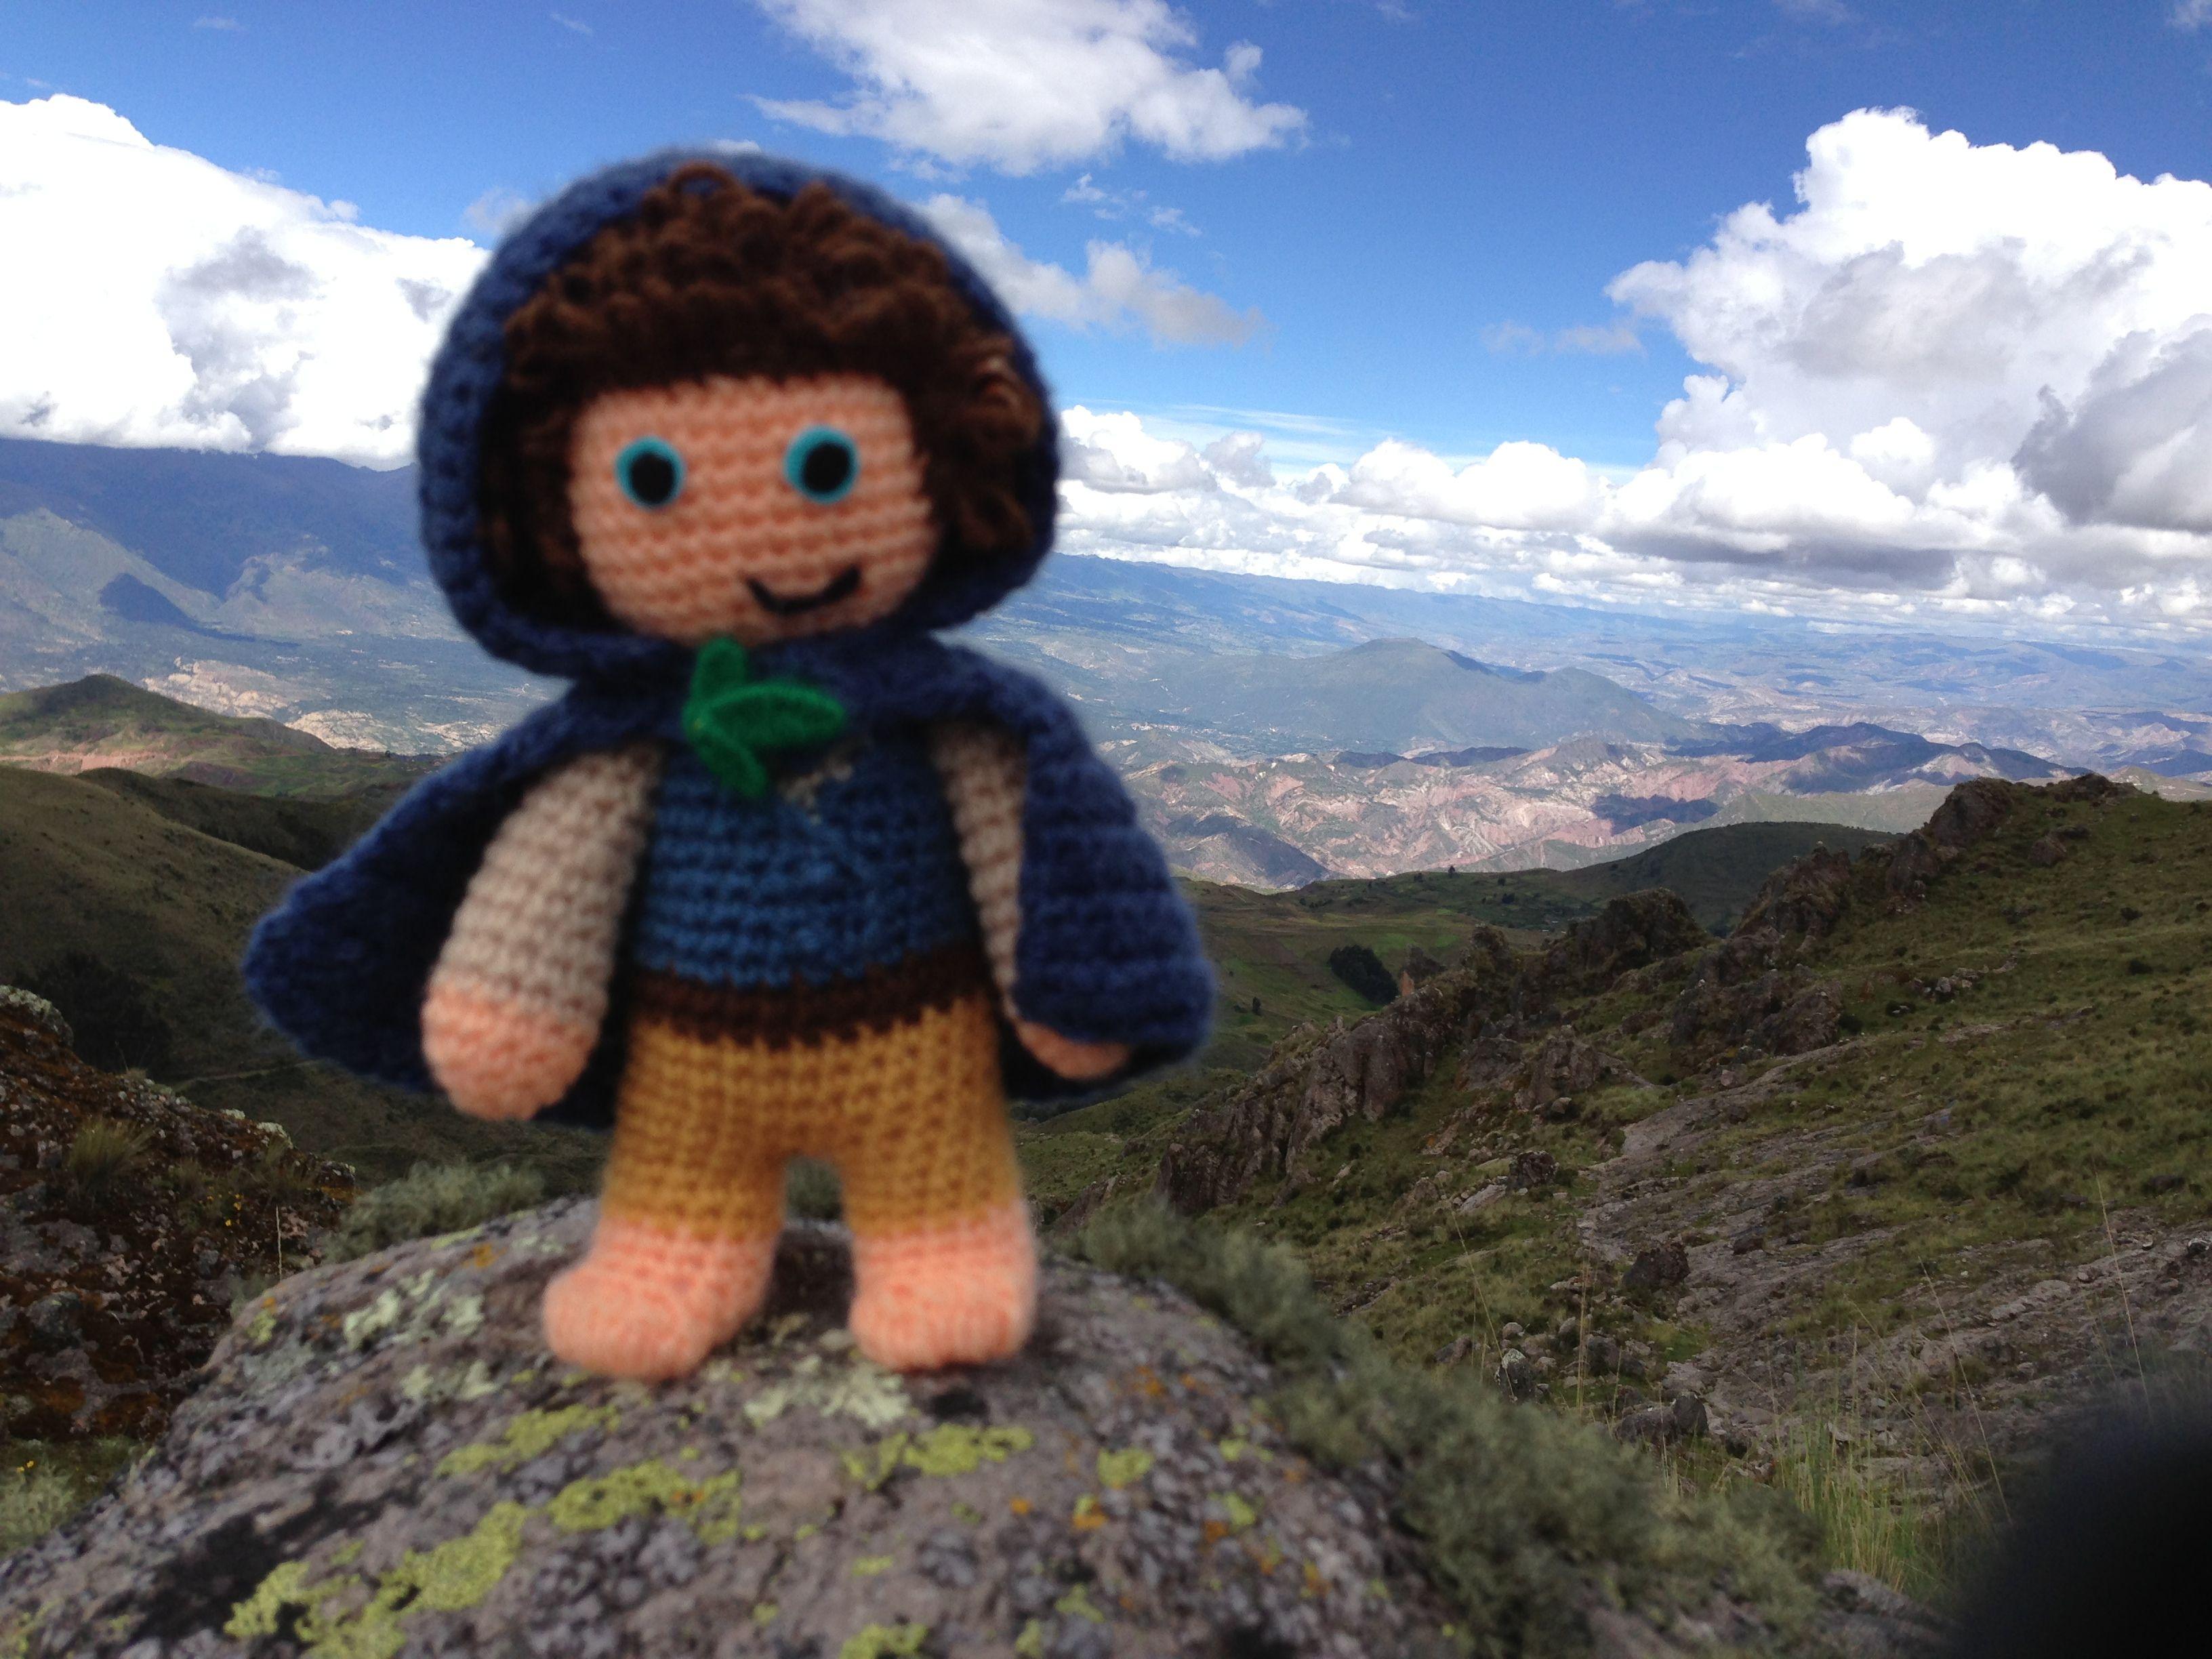 Ruta Qhapac Ñan Huancavelica-Ayacucho, al fondo vista de Huanta, ahi tenemos que llegar.